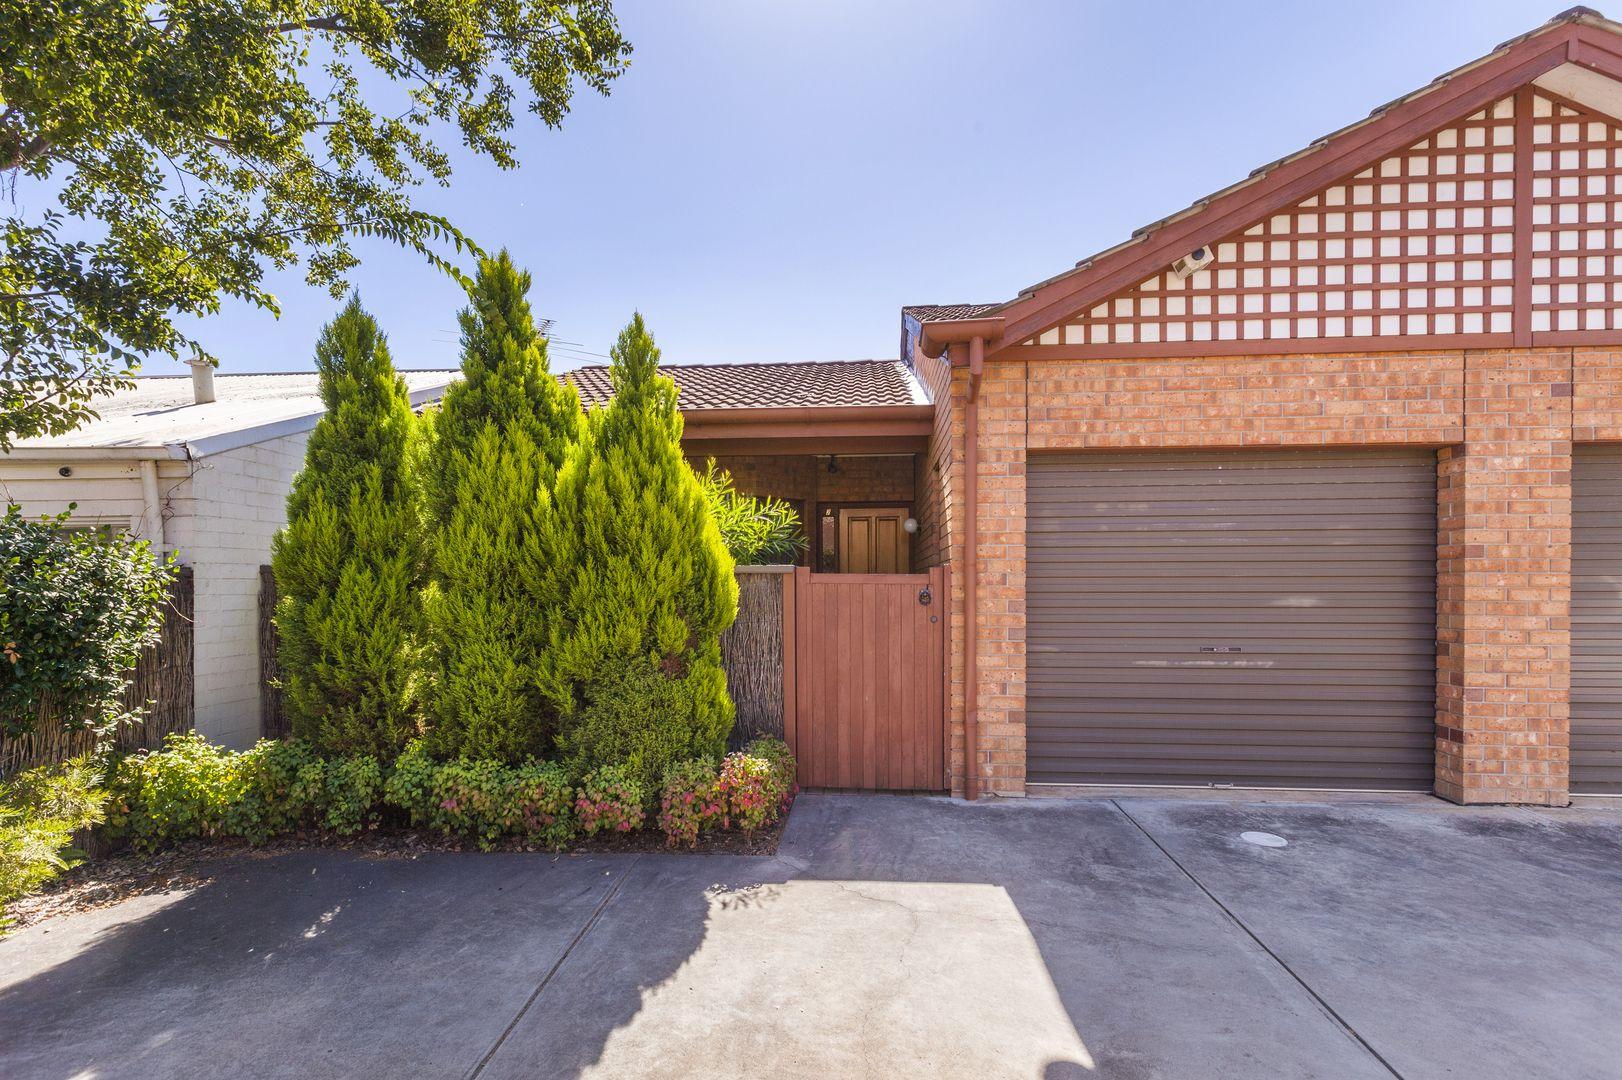 2/178 Gover Street, North Adelaide SA 5006, Image 1